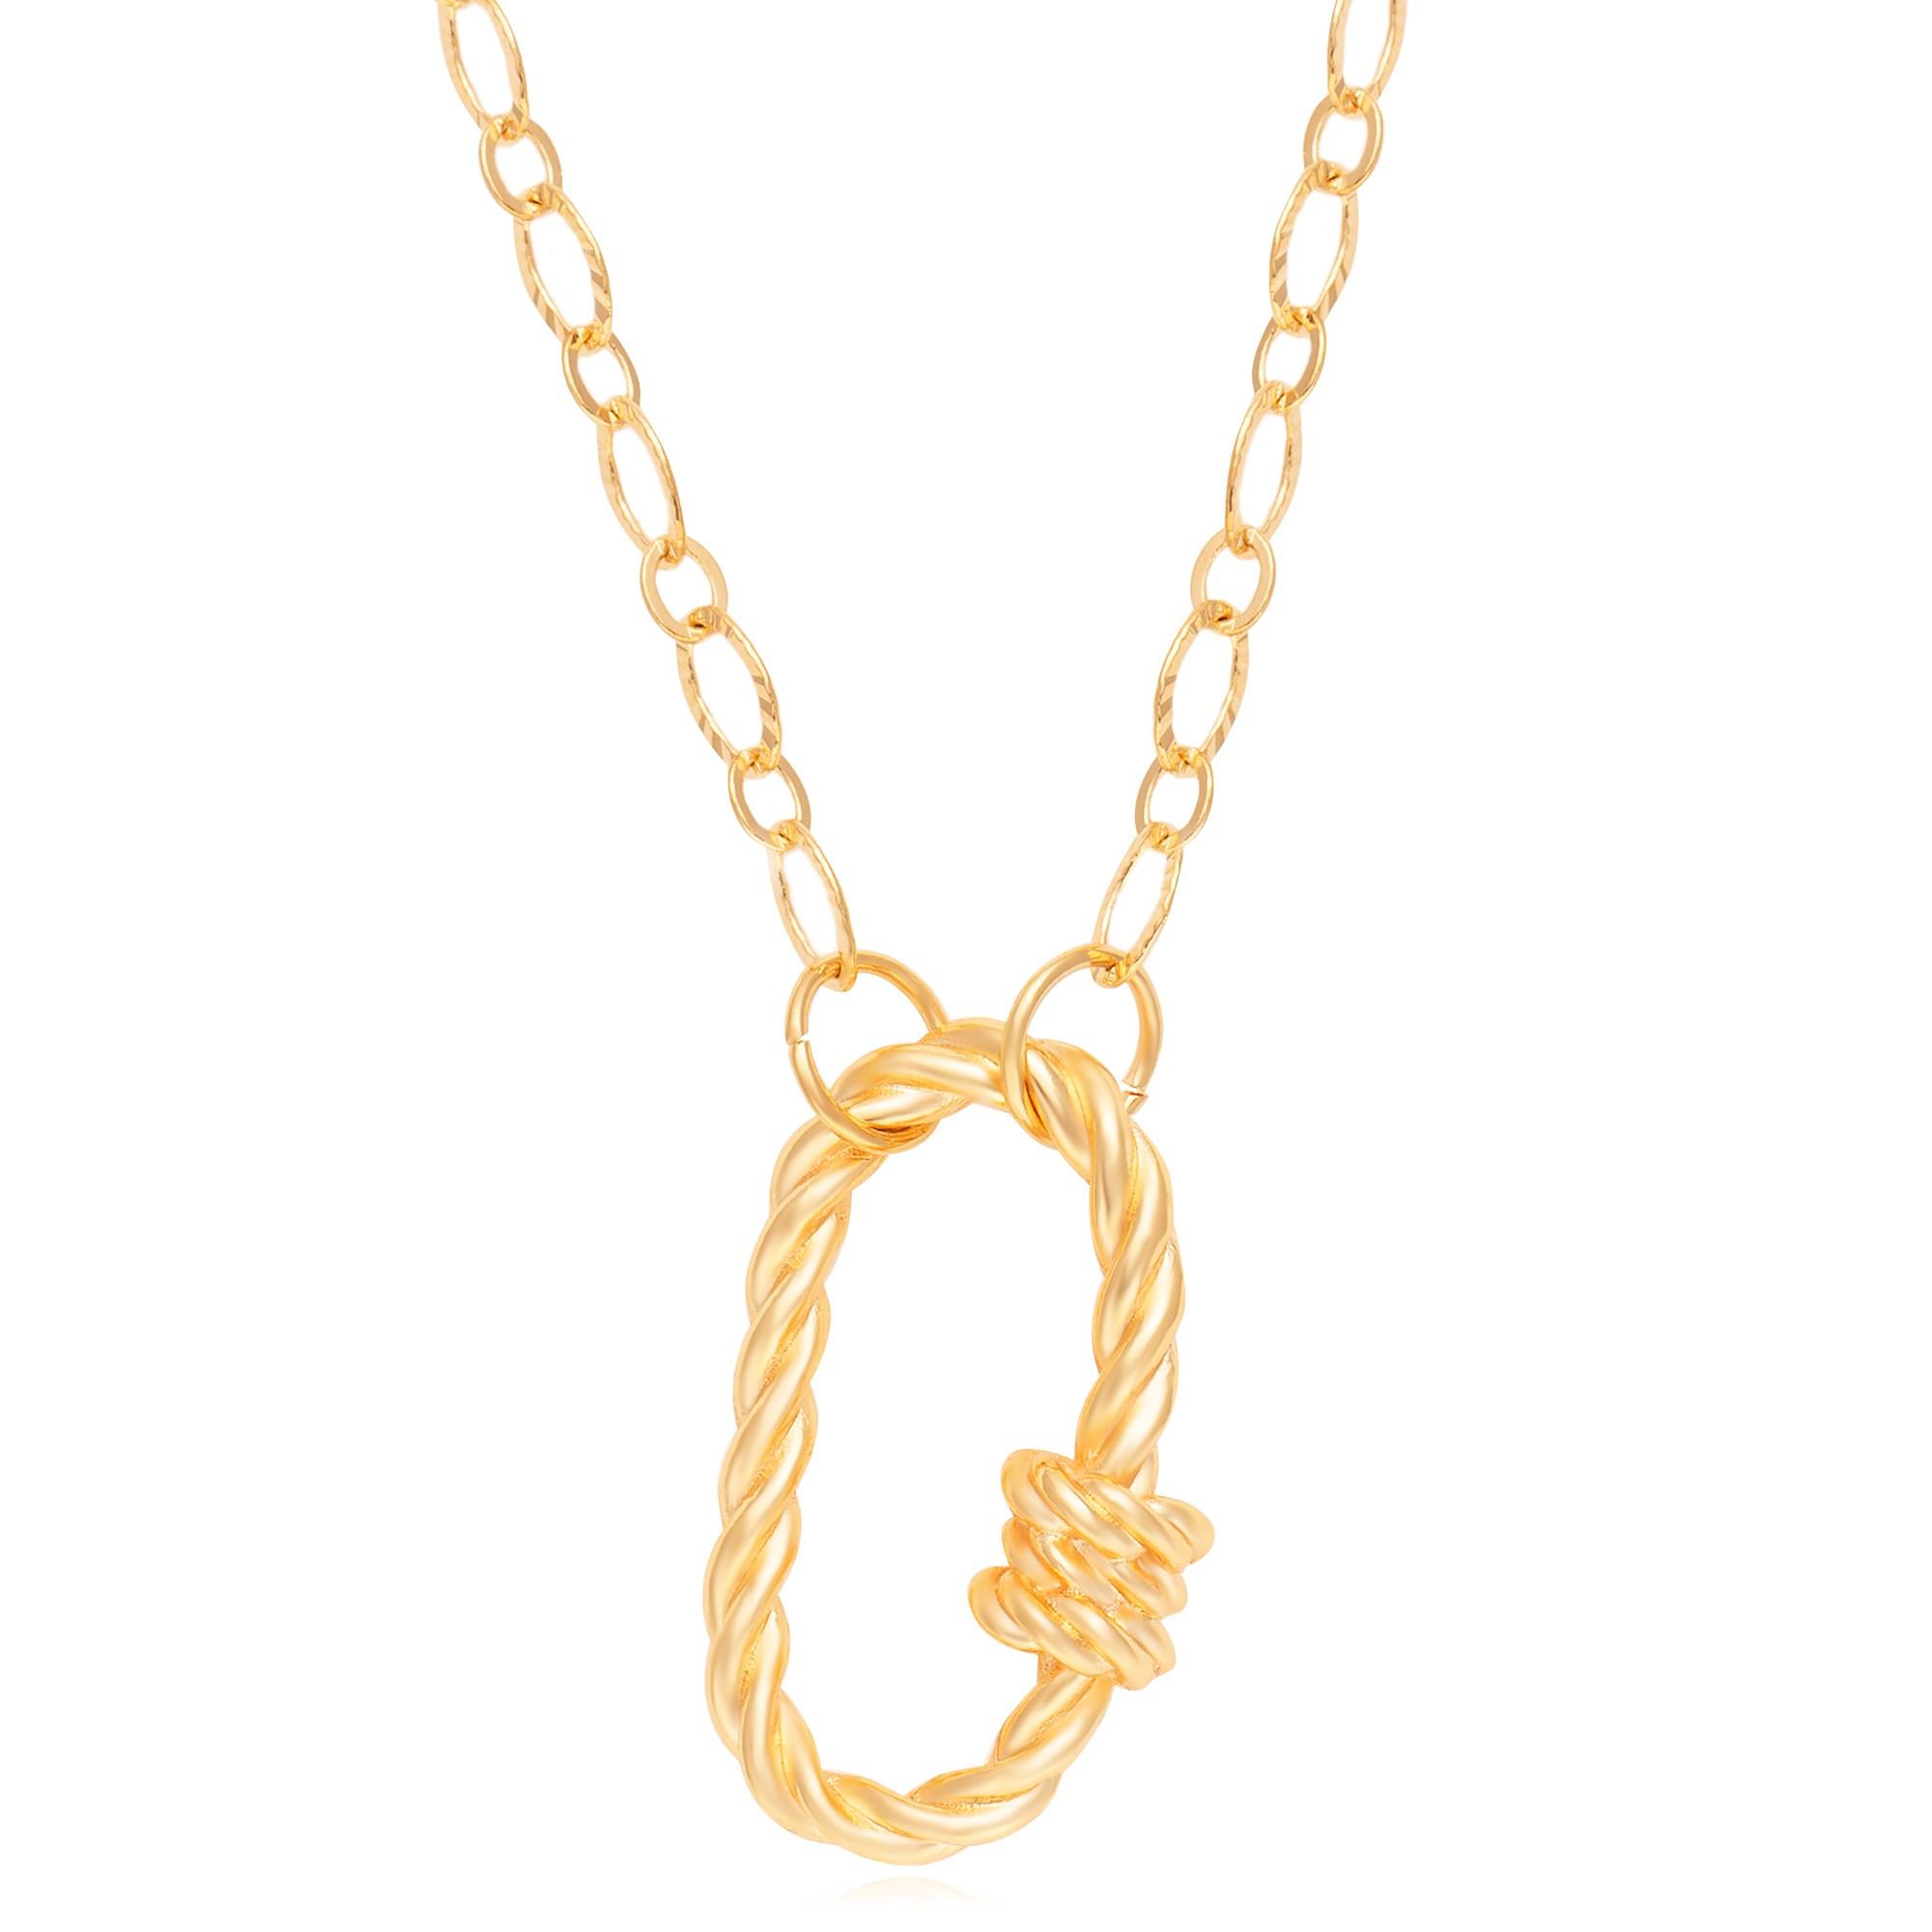 Colar corrente 45cm pendente oval banhado a ouro 18k  - romabrazil.com.br